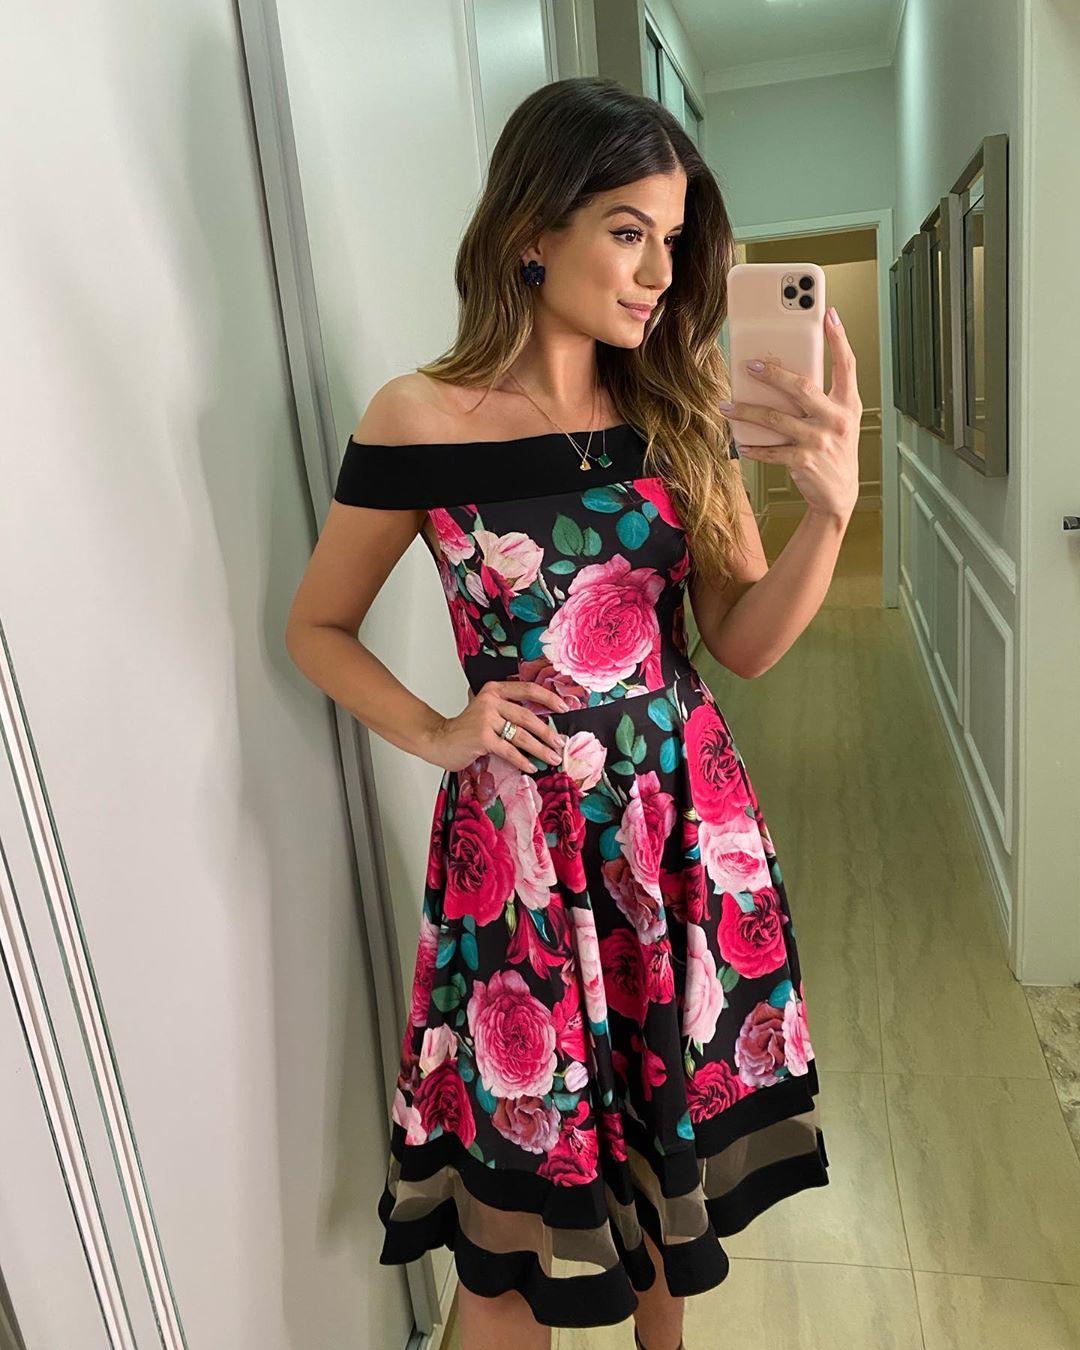 Vestido Midi Lady Like Estampa Preto Floral com Tule Ariane